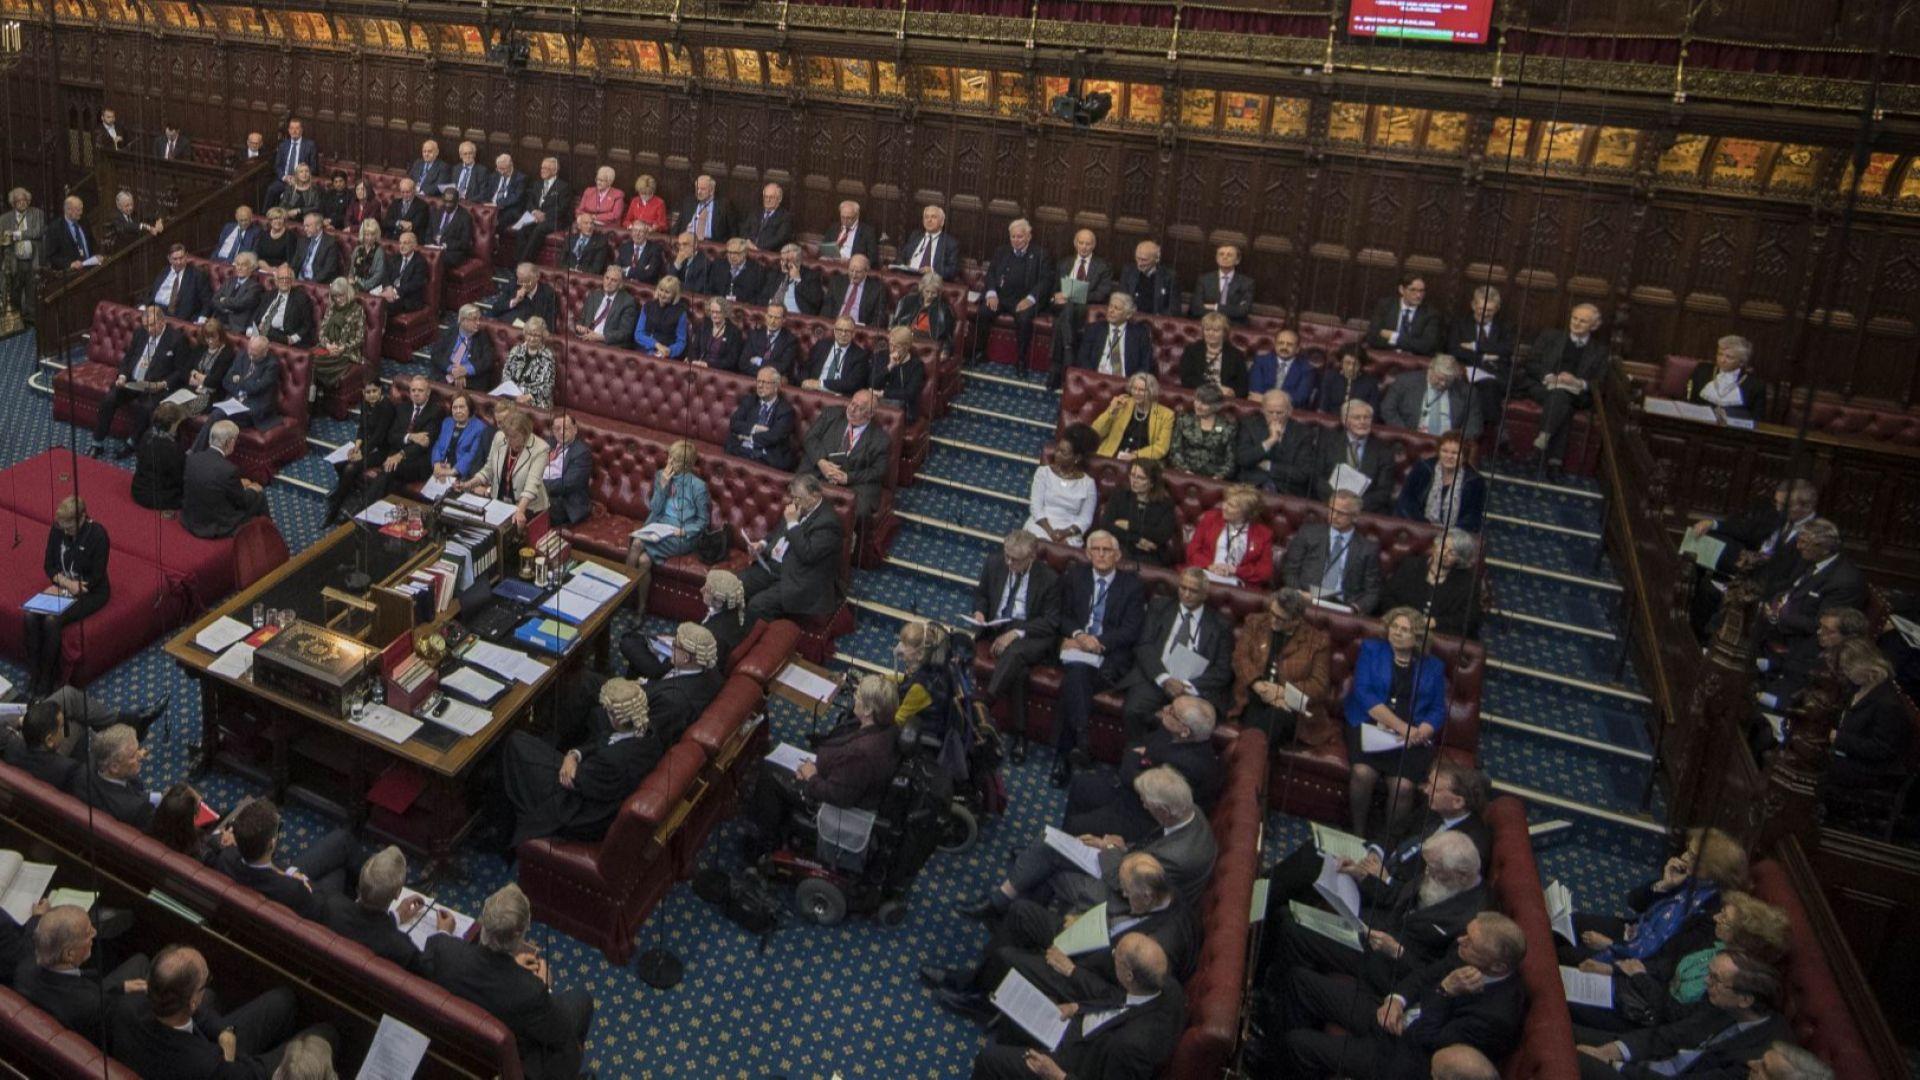 Вариантите за Брекзит: Какво ще се случи след решаващото гласуване?